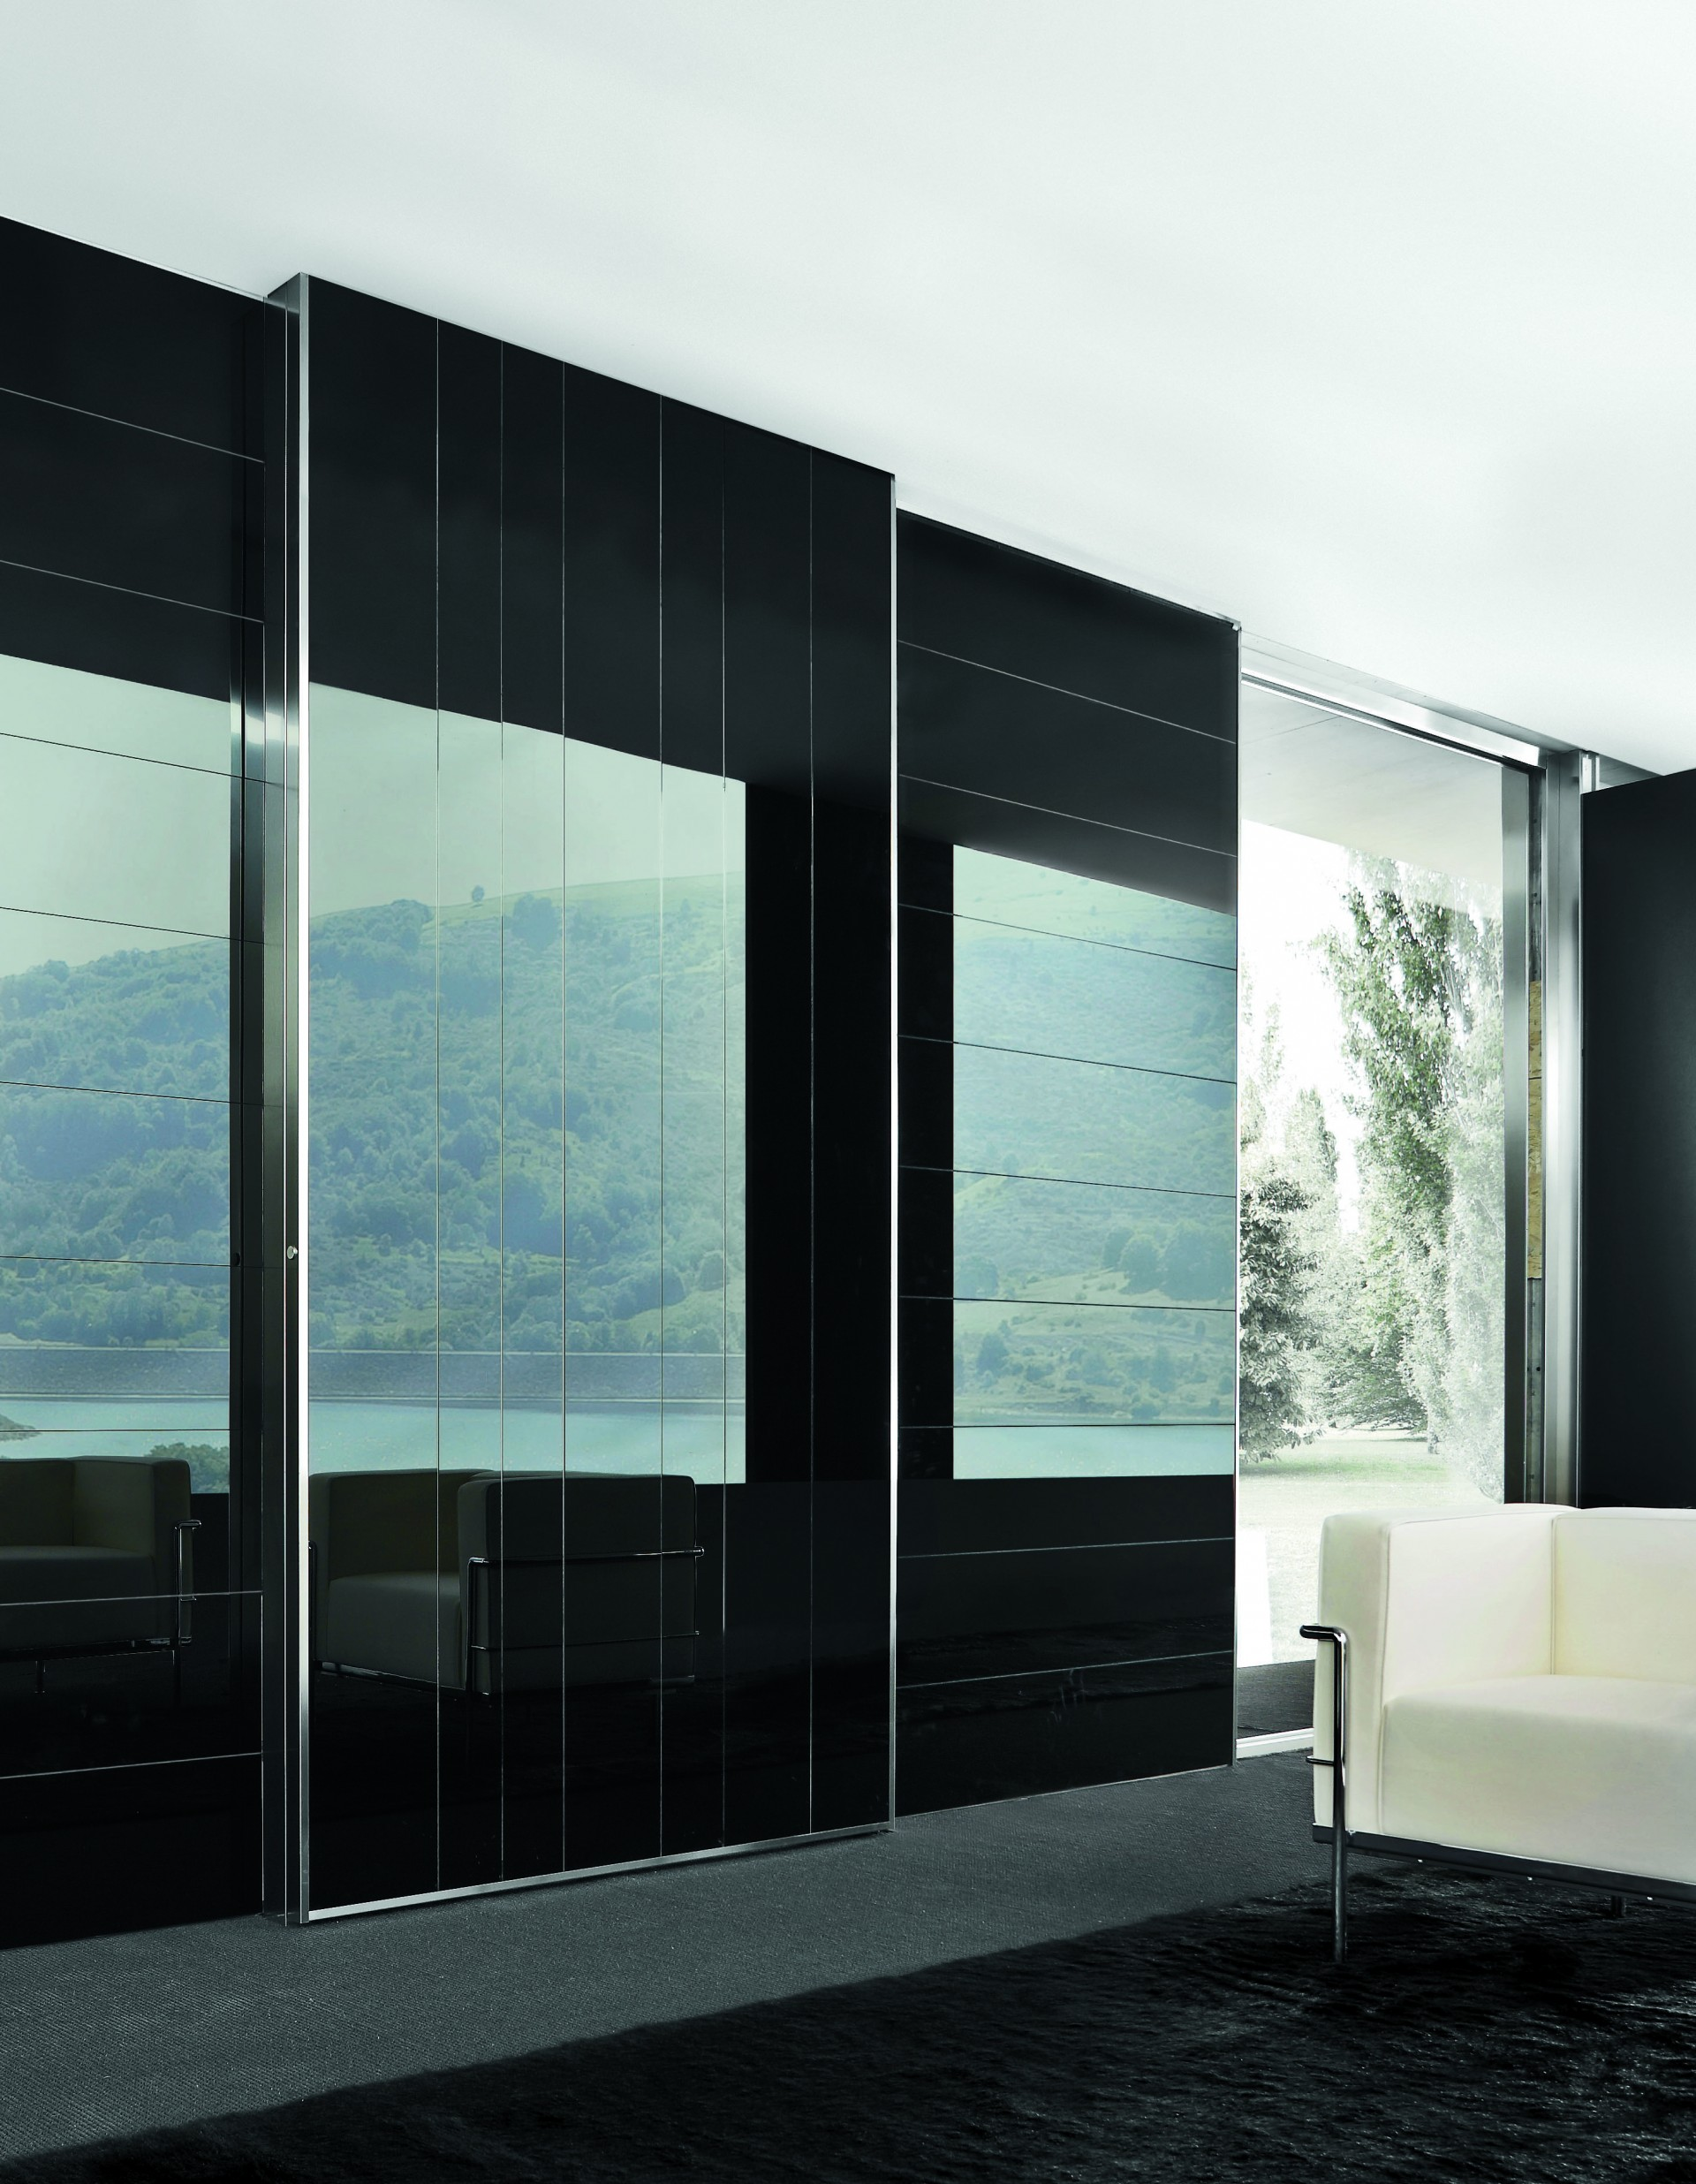 Condensa porta blindata gallery of la formazione della condensa migliorare i valori di termica - Condensa finestre alluminio ...